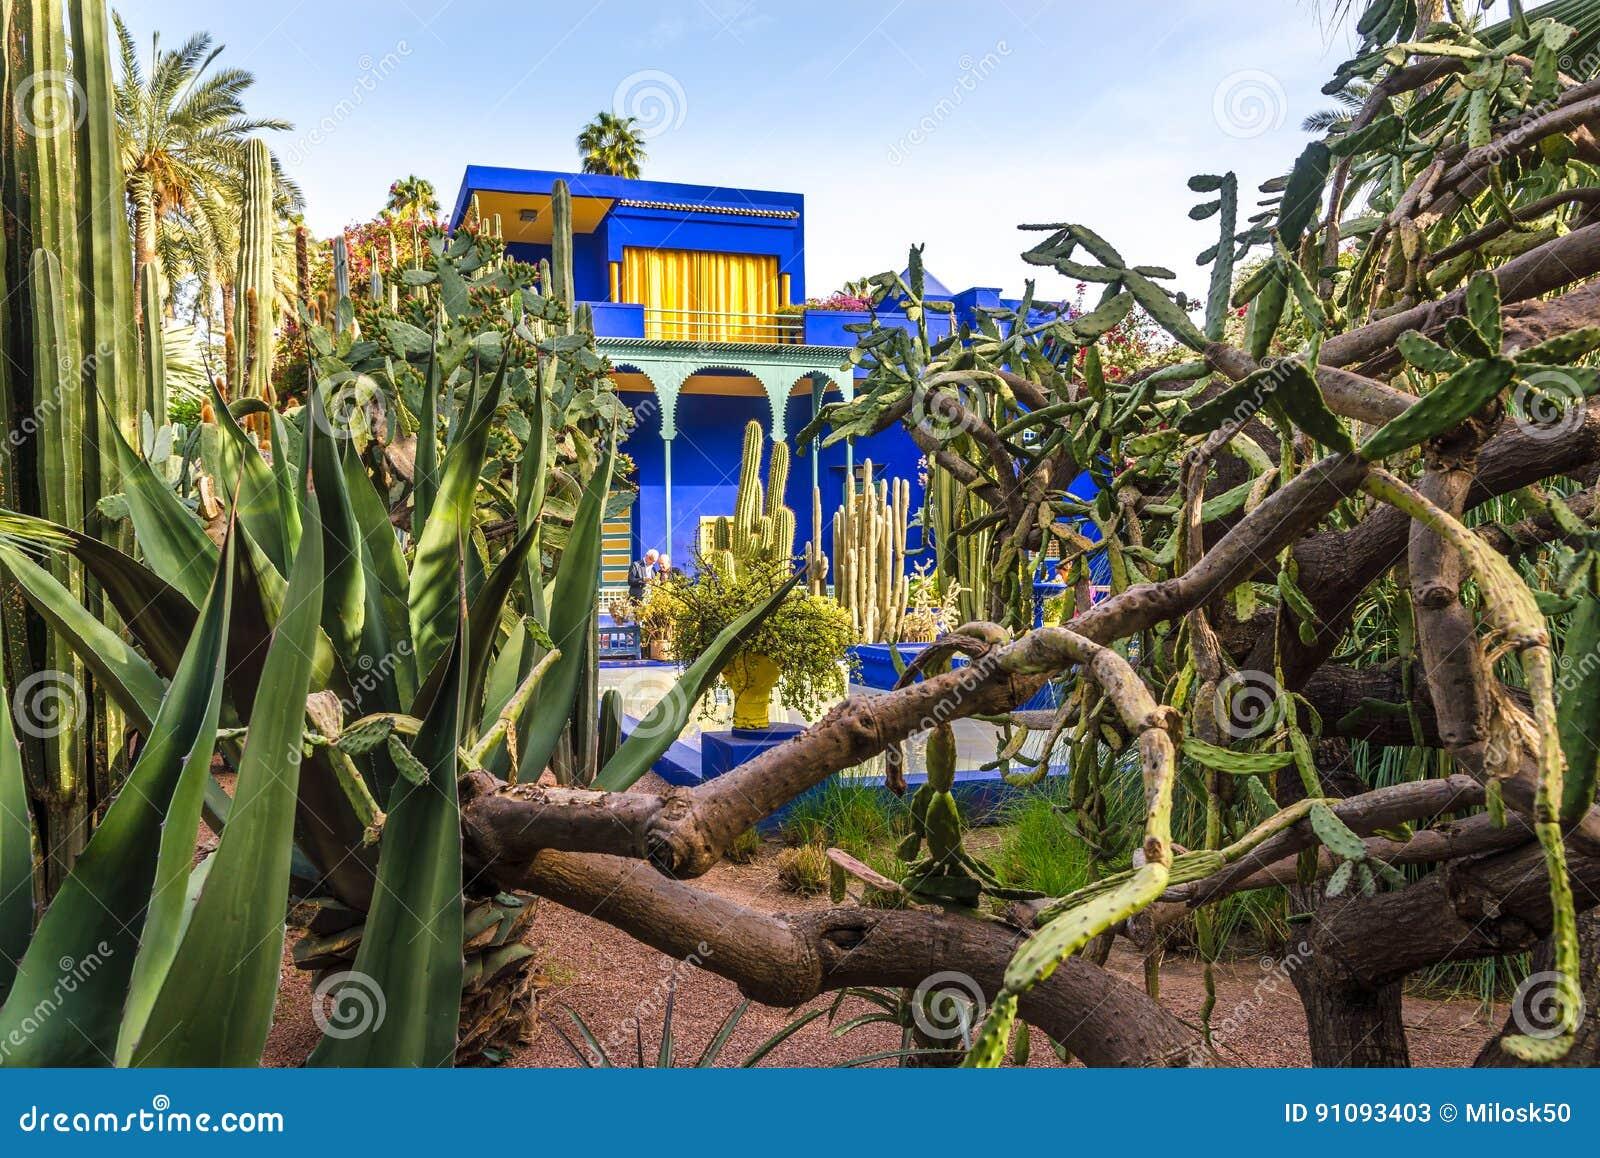 Μουσείο της ισλαμικής τέχνης, που χρωματίζεται στο μπλε Majorelle, στον κήπο Majorelle στο Μαρακές - το Μαρόκο